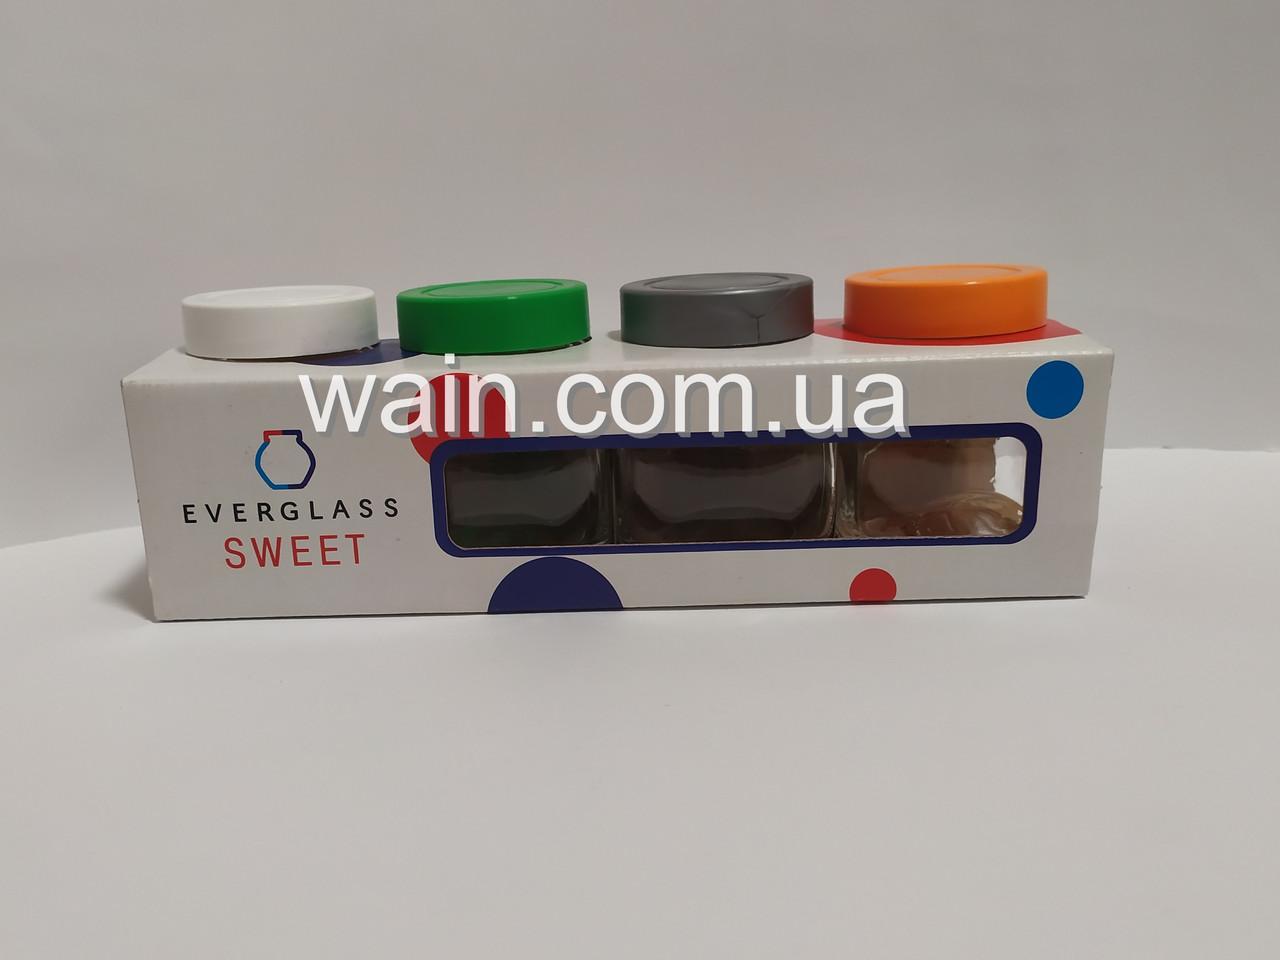 Набор стеклянных банок емкостей 200 мл 4 шт с пластиковыми крышками разных цветов Everglass SWEET